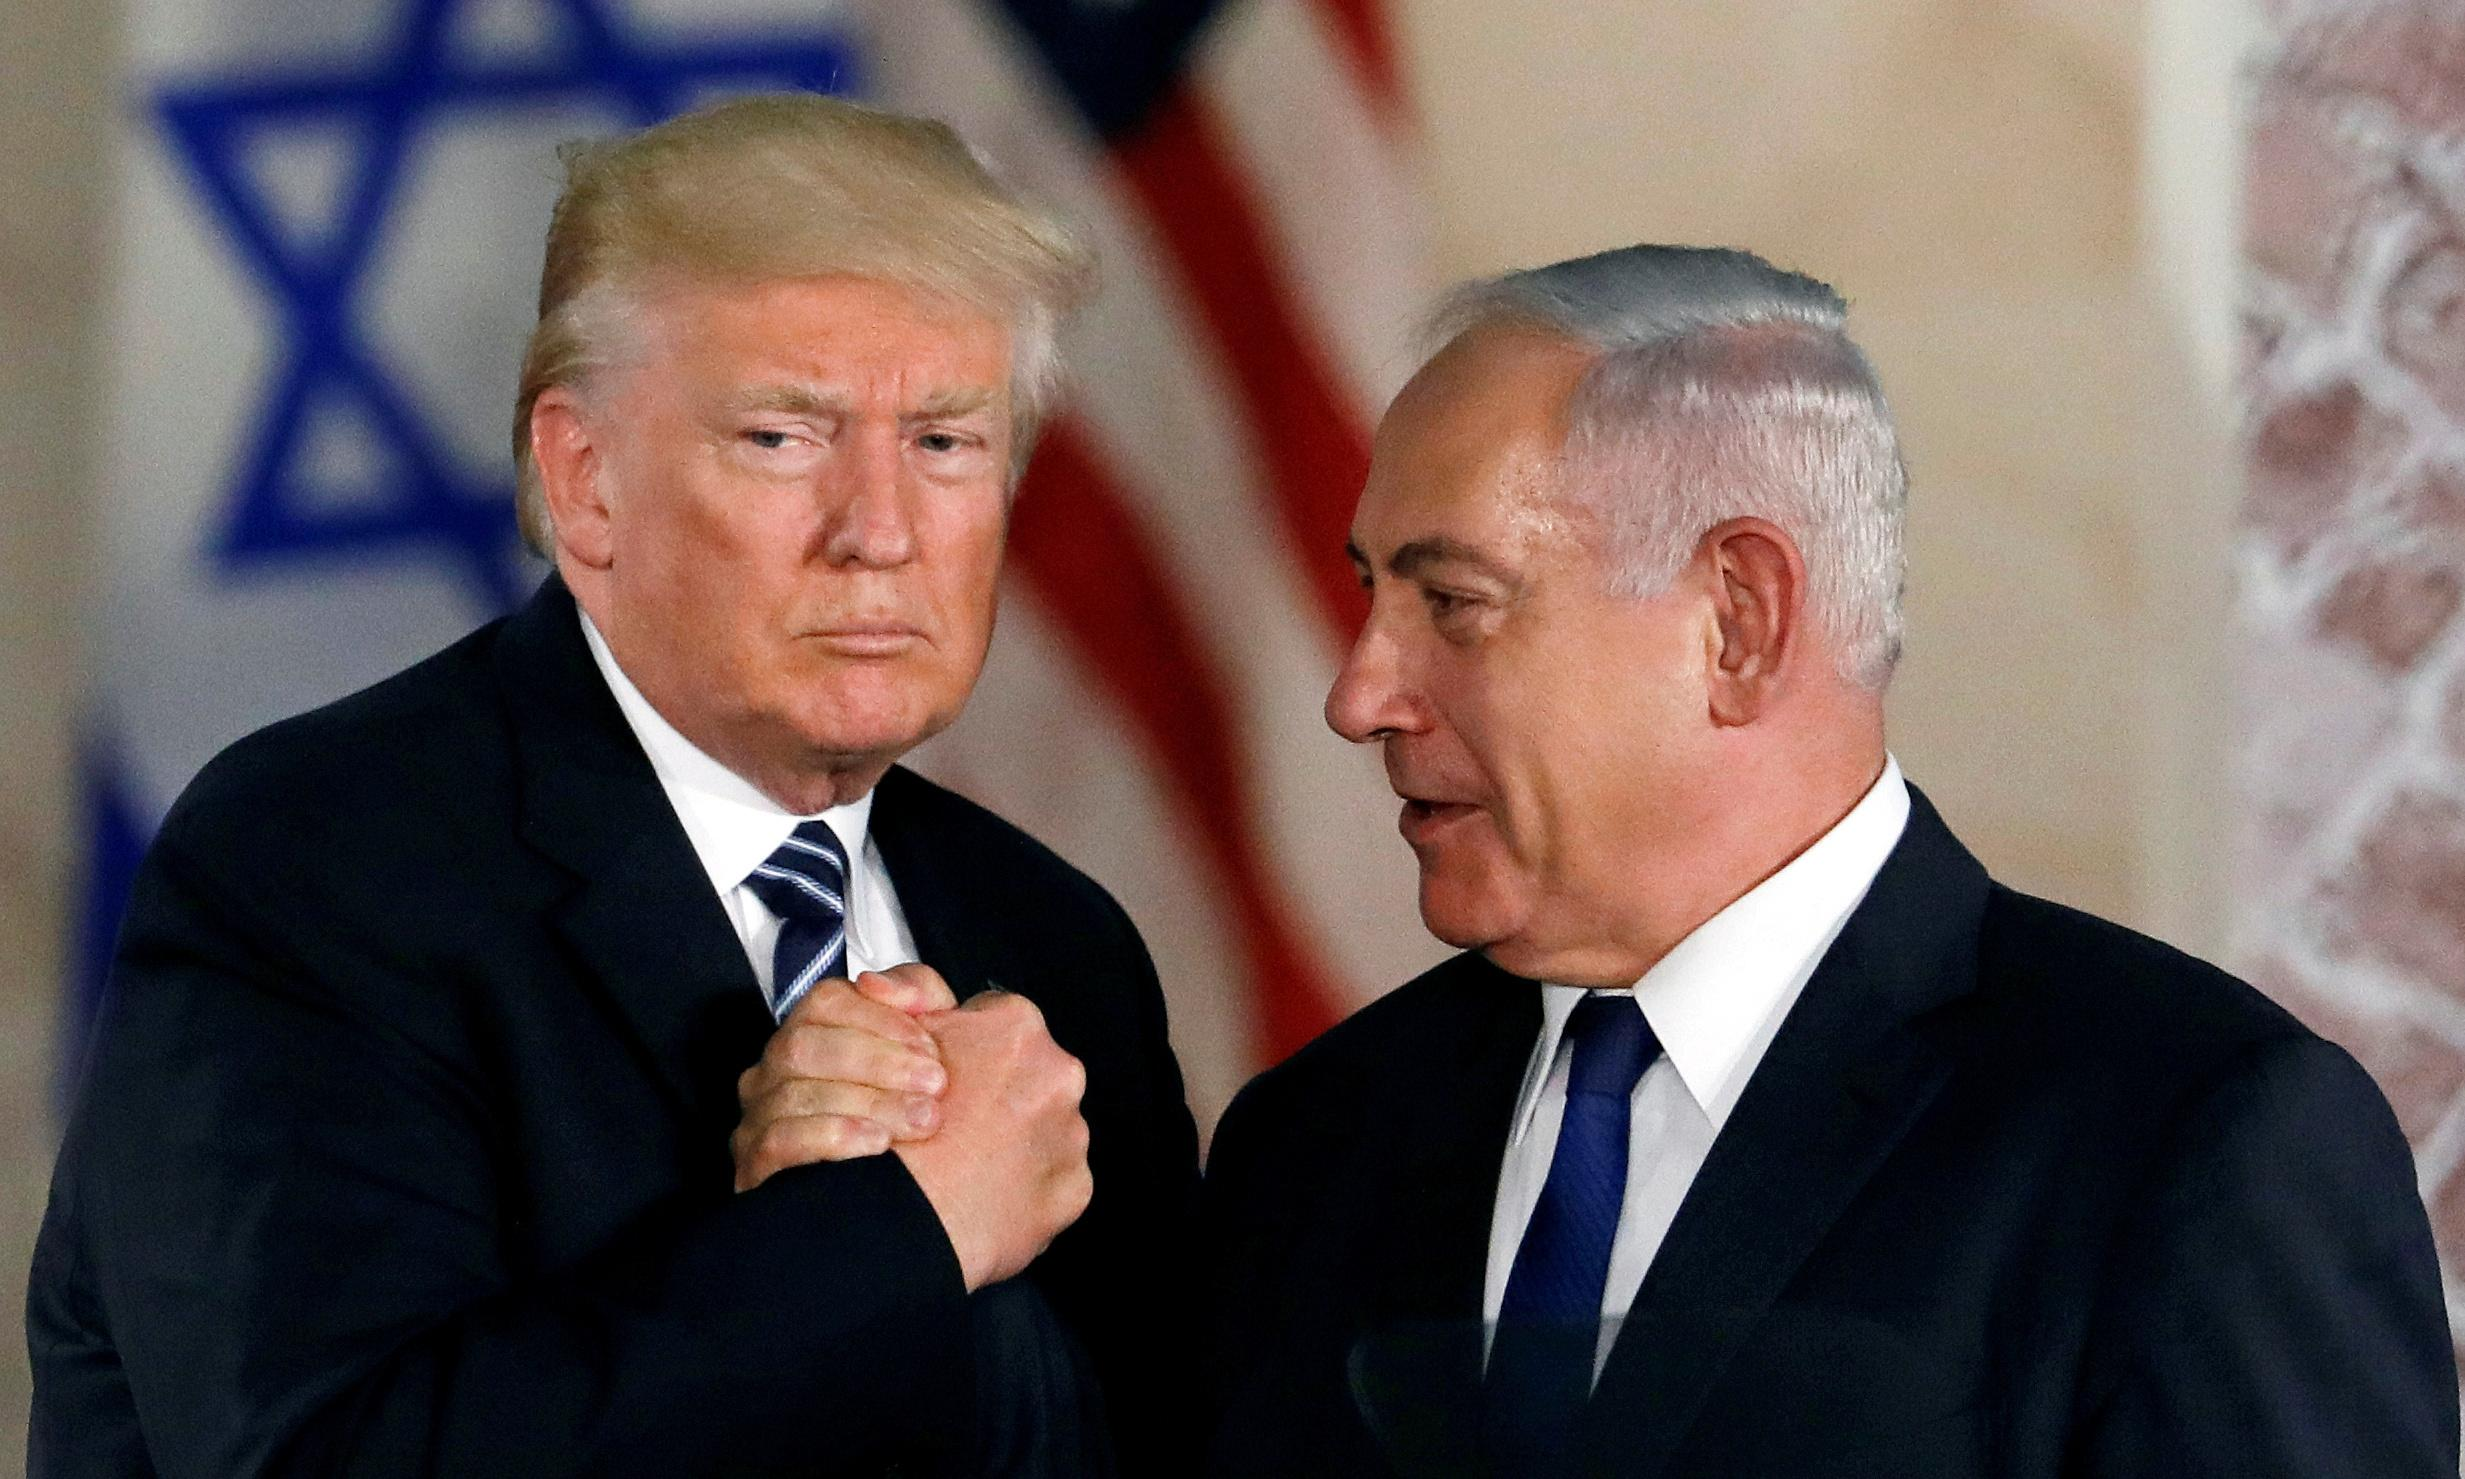 Palestinian president warns US and Israel as Trump plan looms